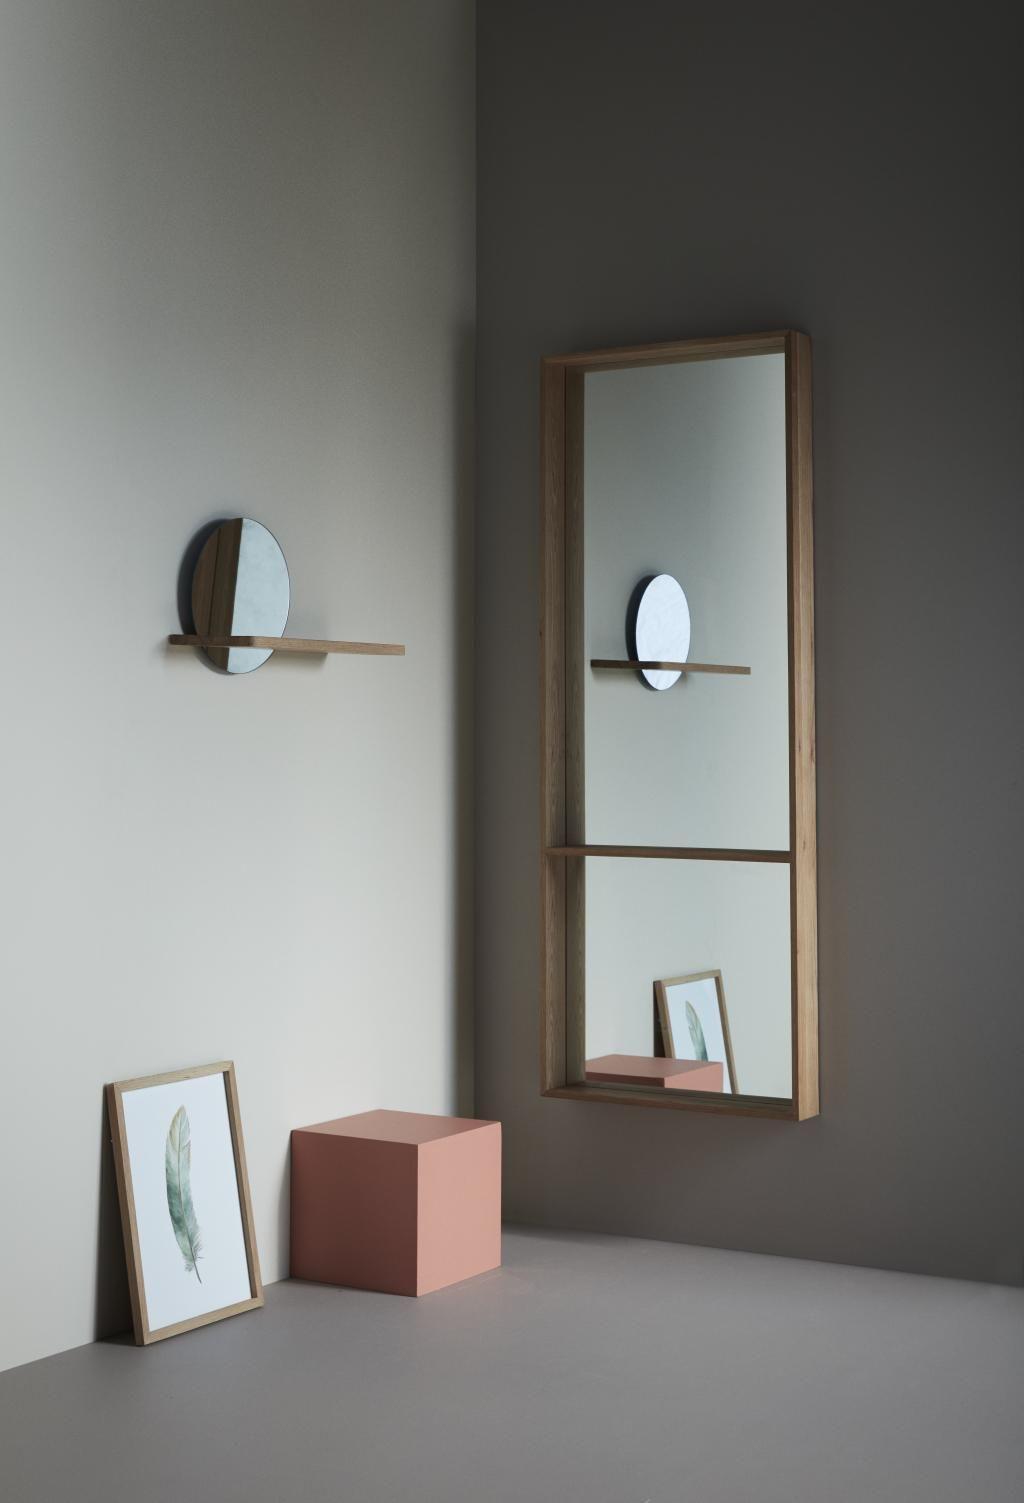 Spiegel Eiche Natur 60 X 160 Cm Hubsch Regalwand